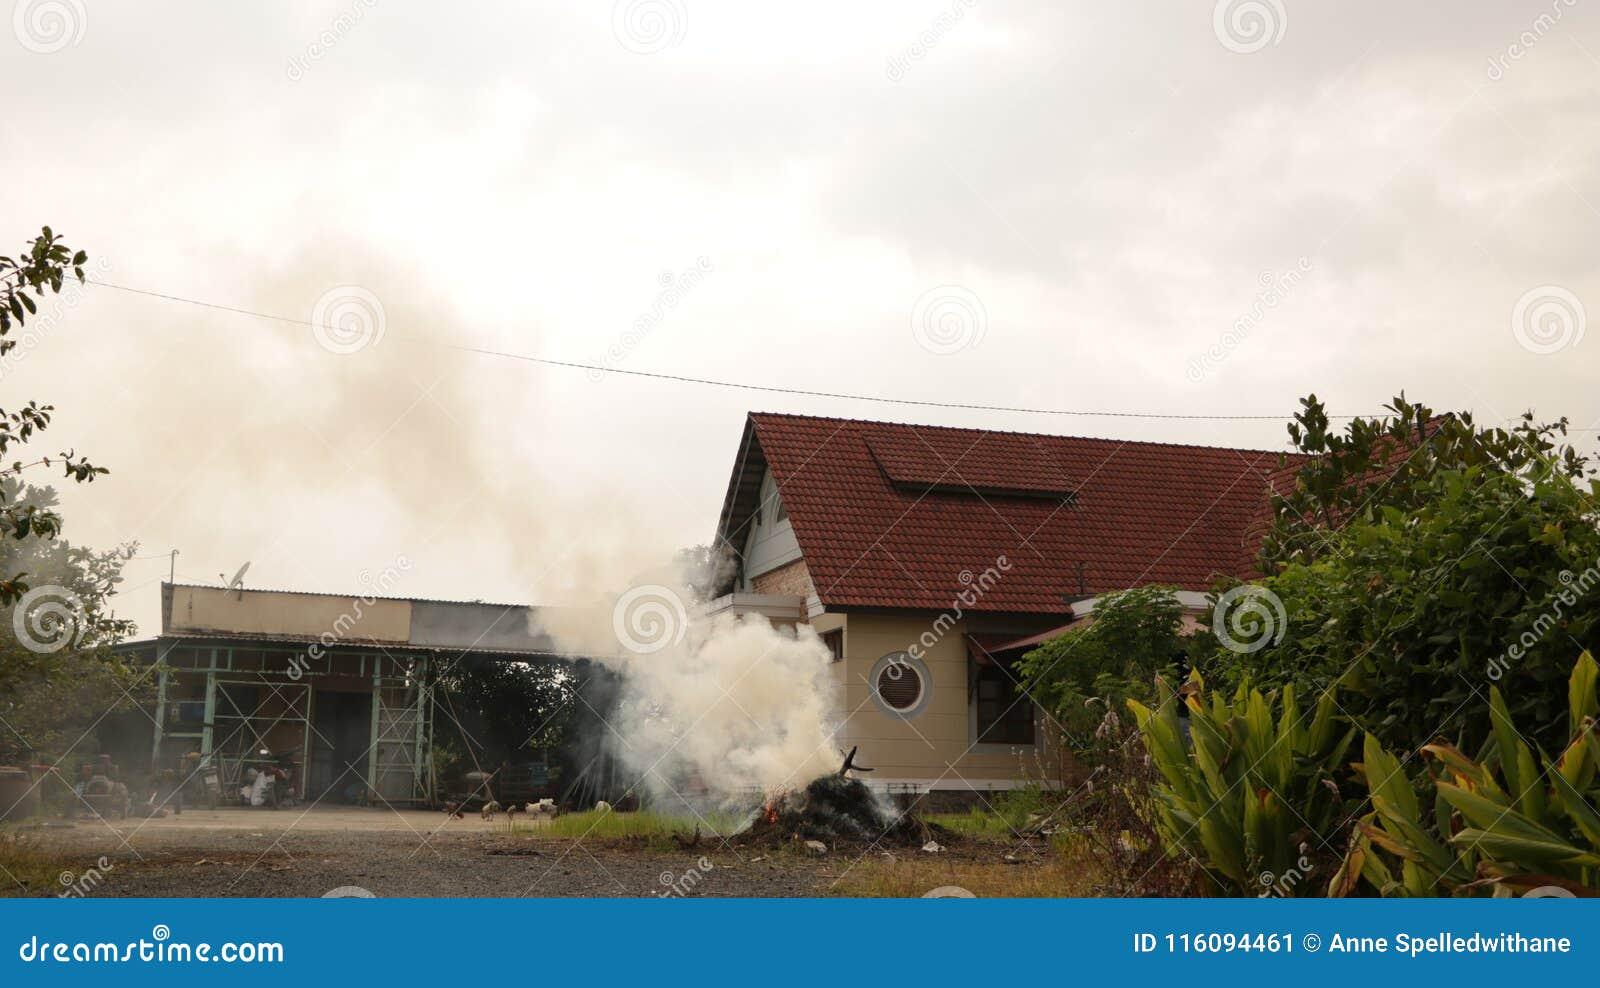 Casa del campo del vintage con la pila ardiente de paja en jardín